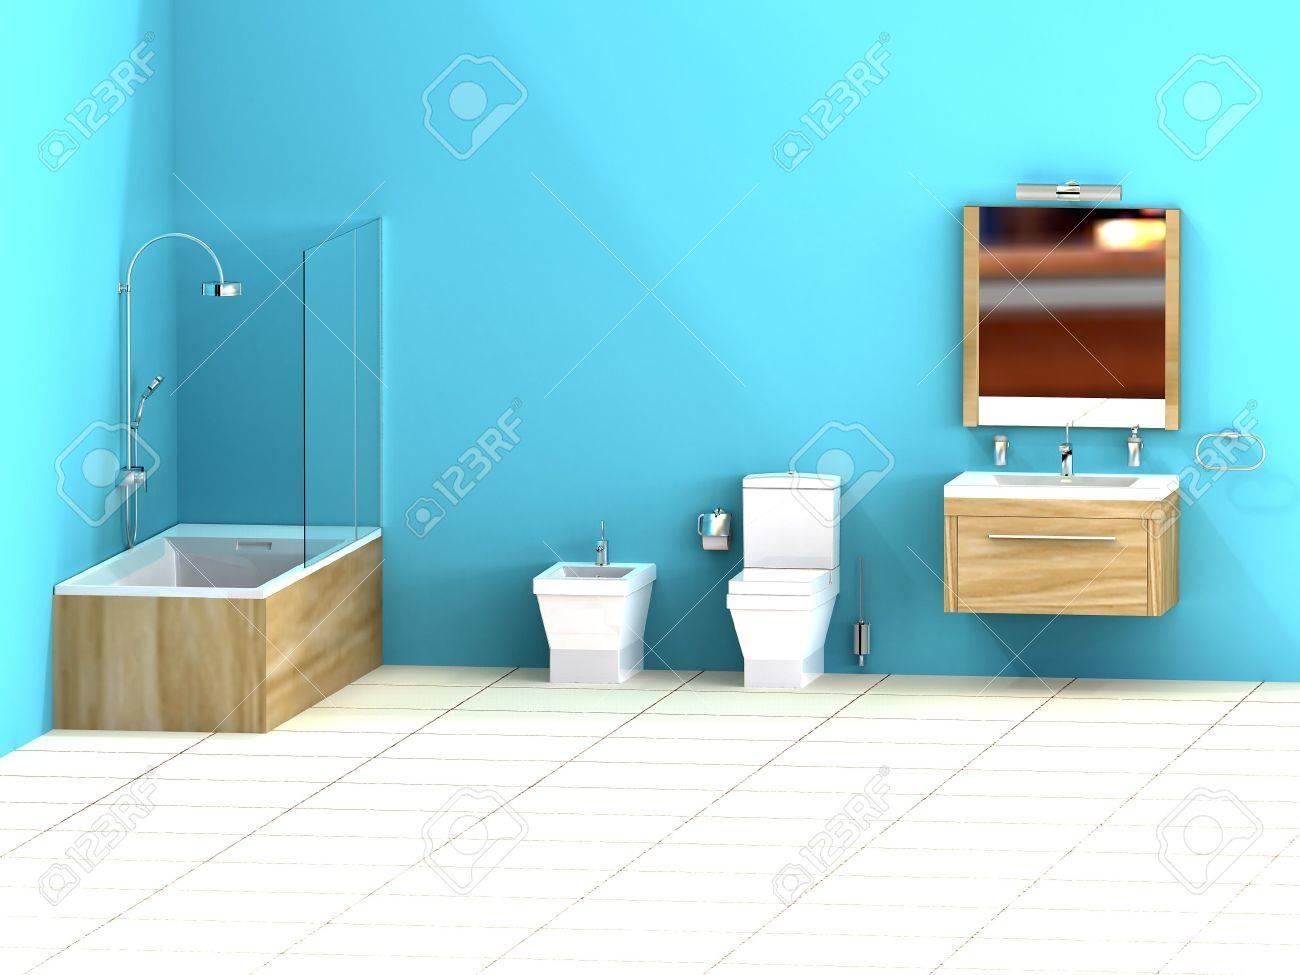 Piastrelle bagno azzurre: idee di abbinamento di colori per pareti